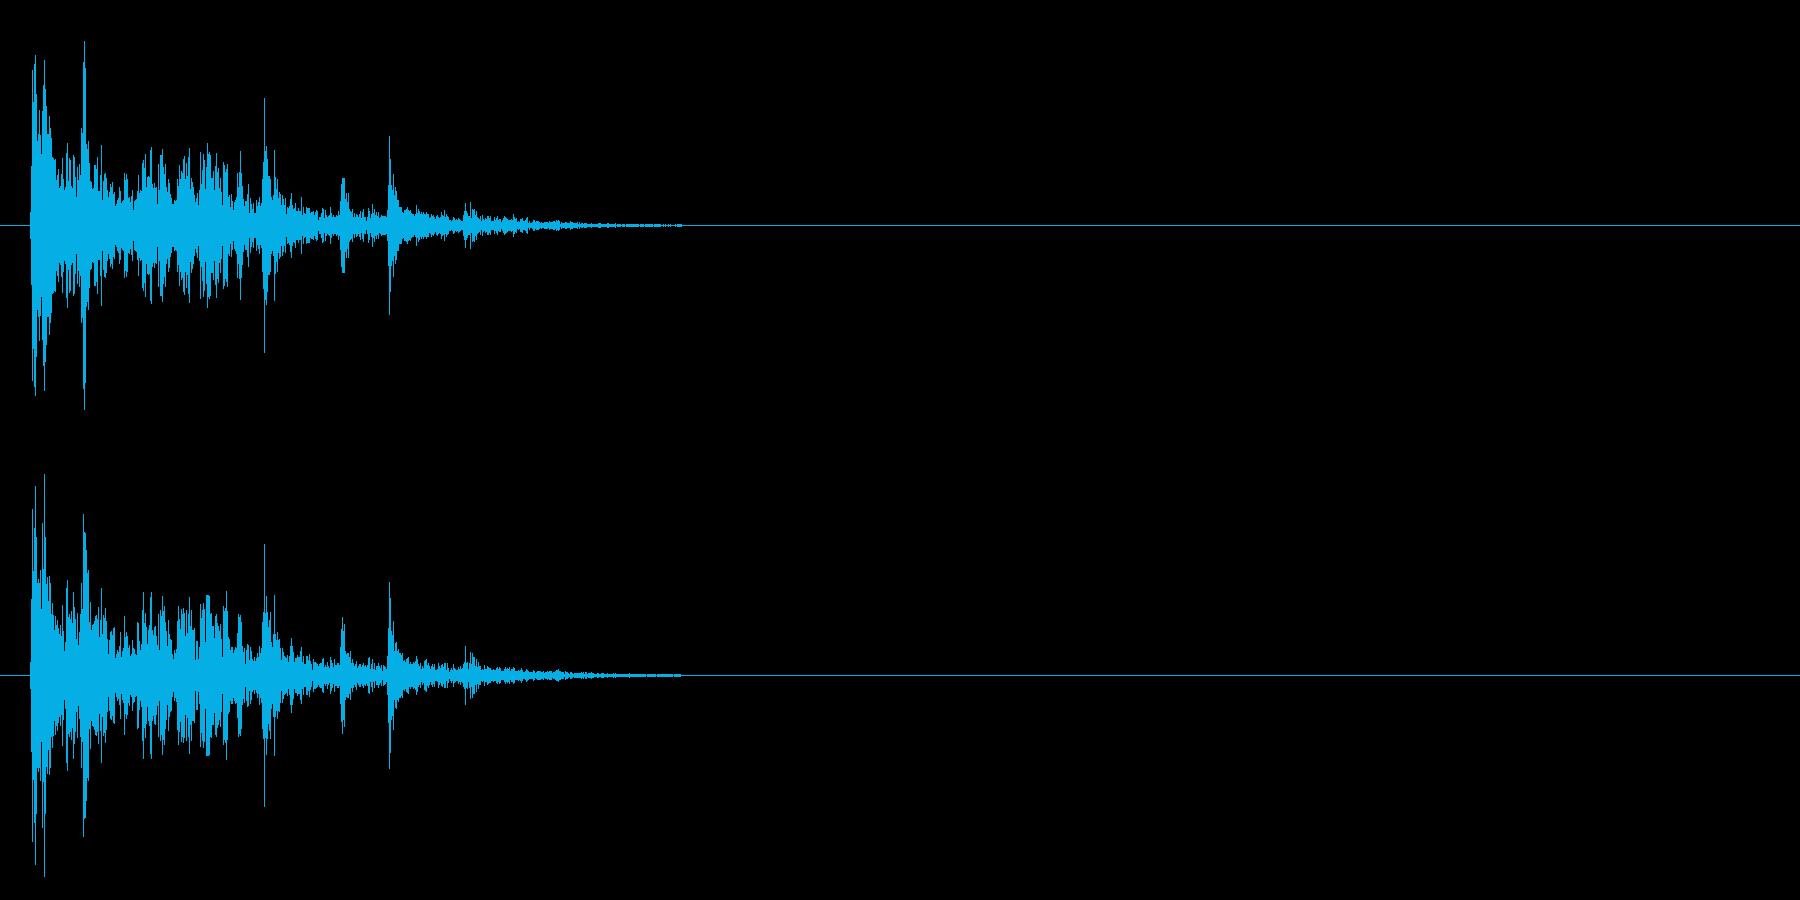 [生録音]カードを整える、散らばる音01の再生済みの波形